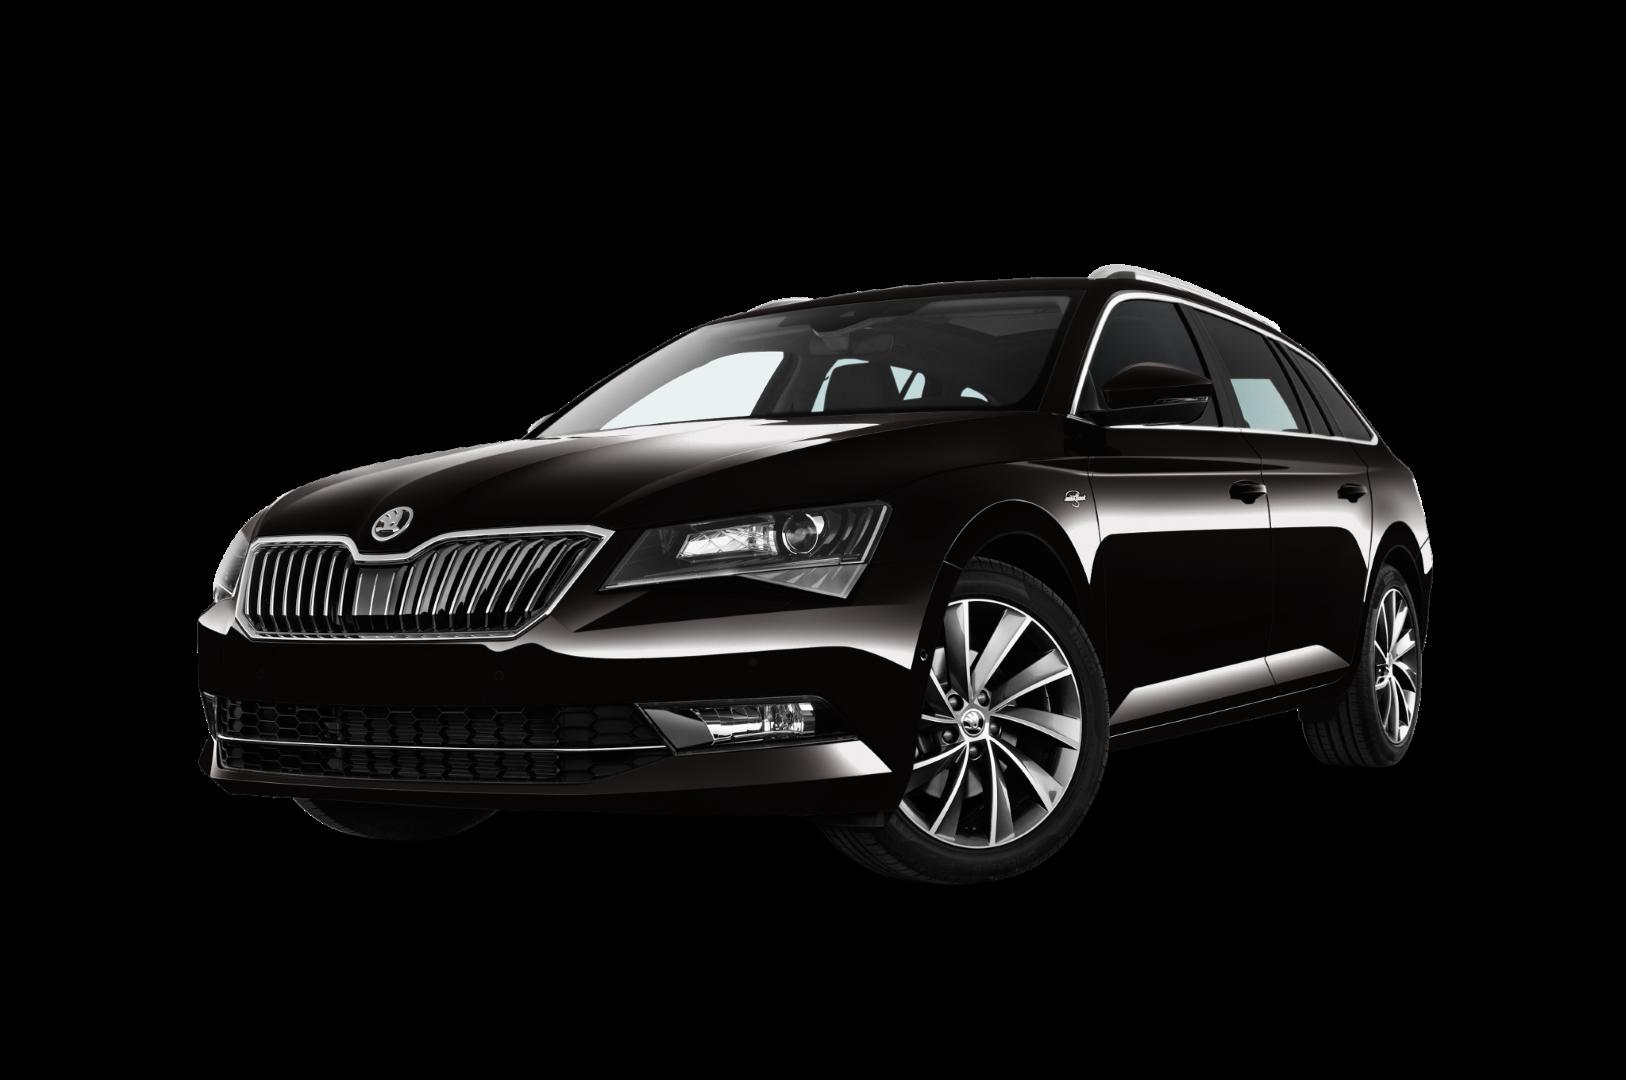 čierny Superb, Škoda na prenájom, operatívny leasing Škoda